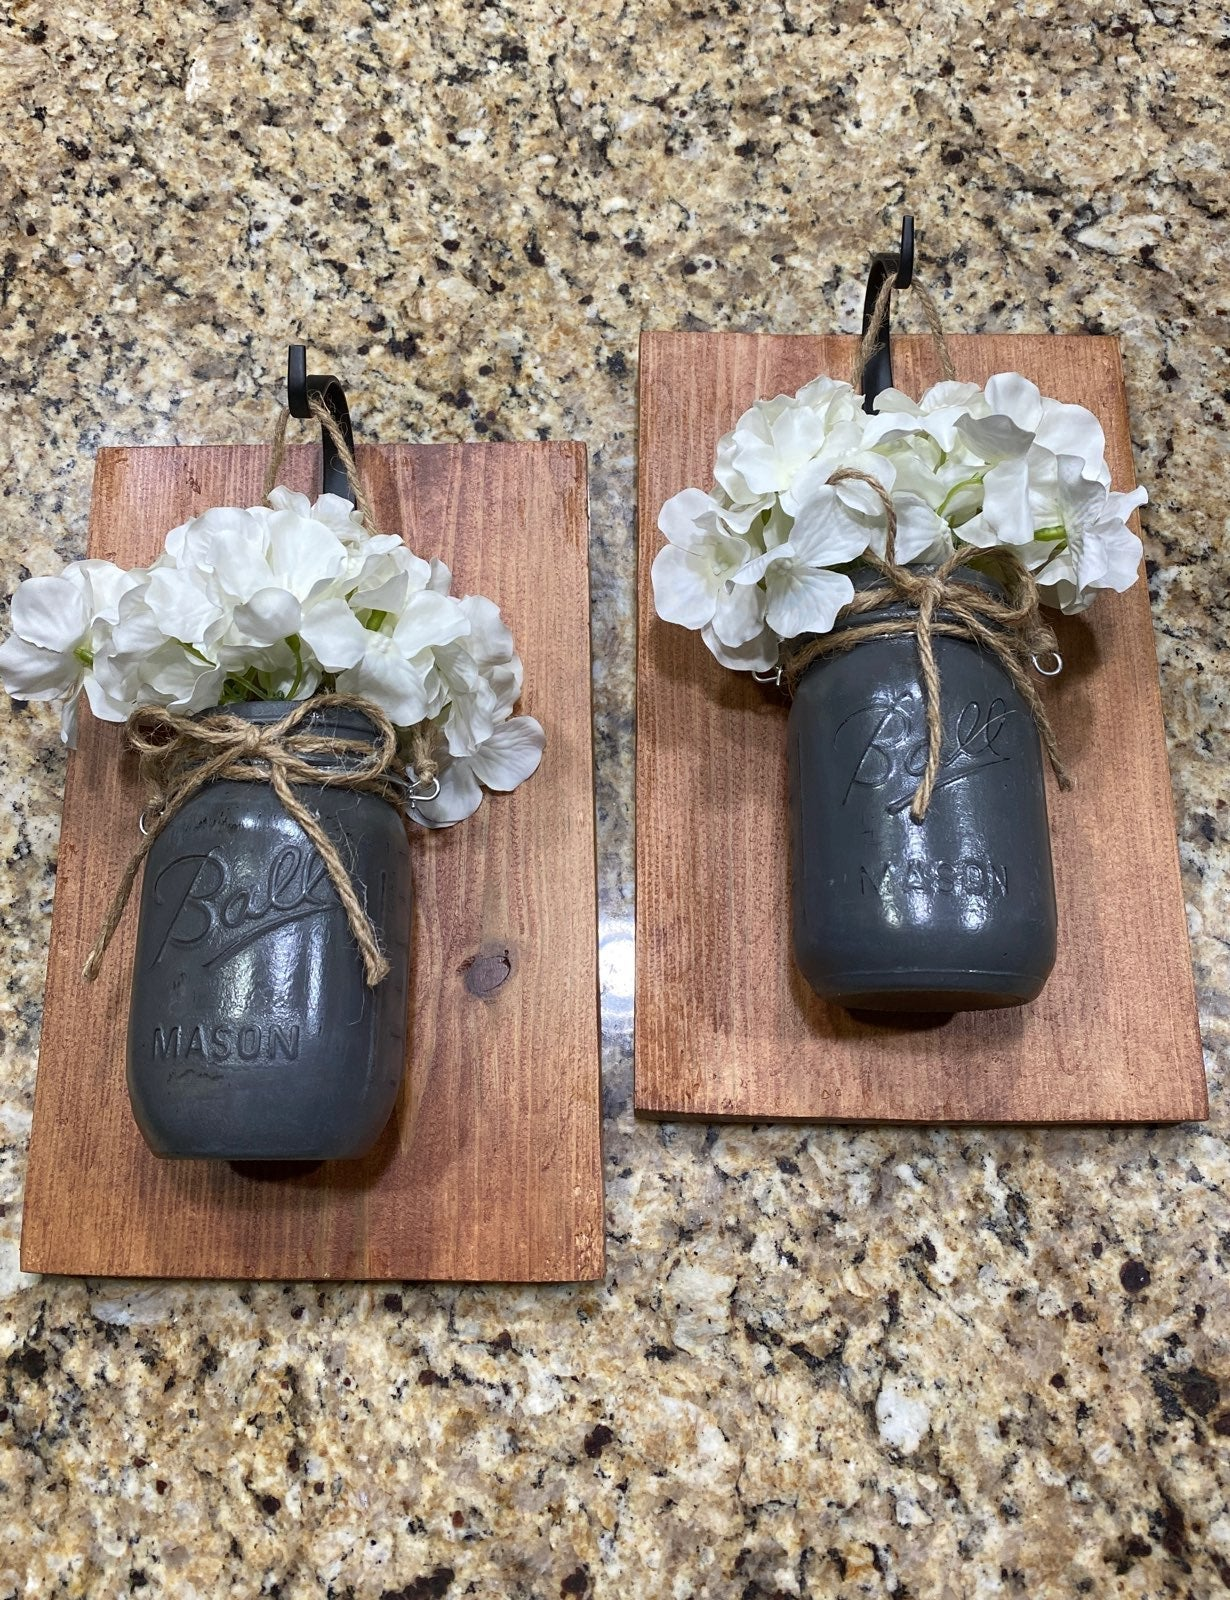 Mason jar wall hangings